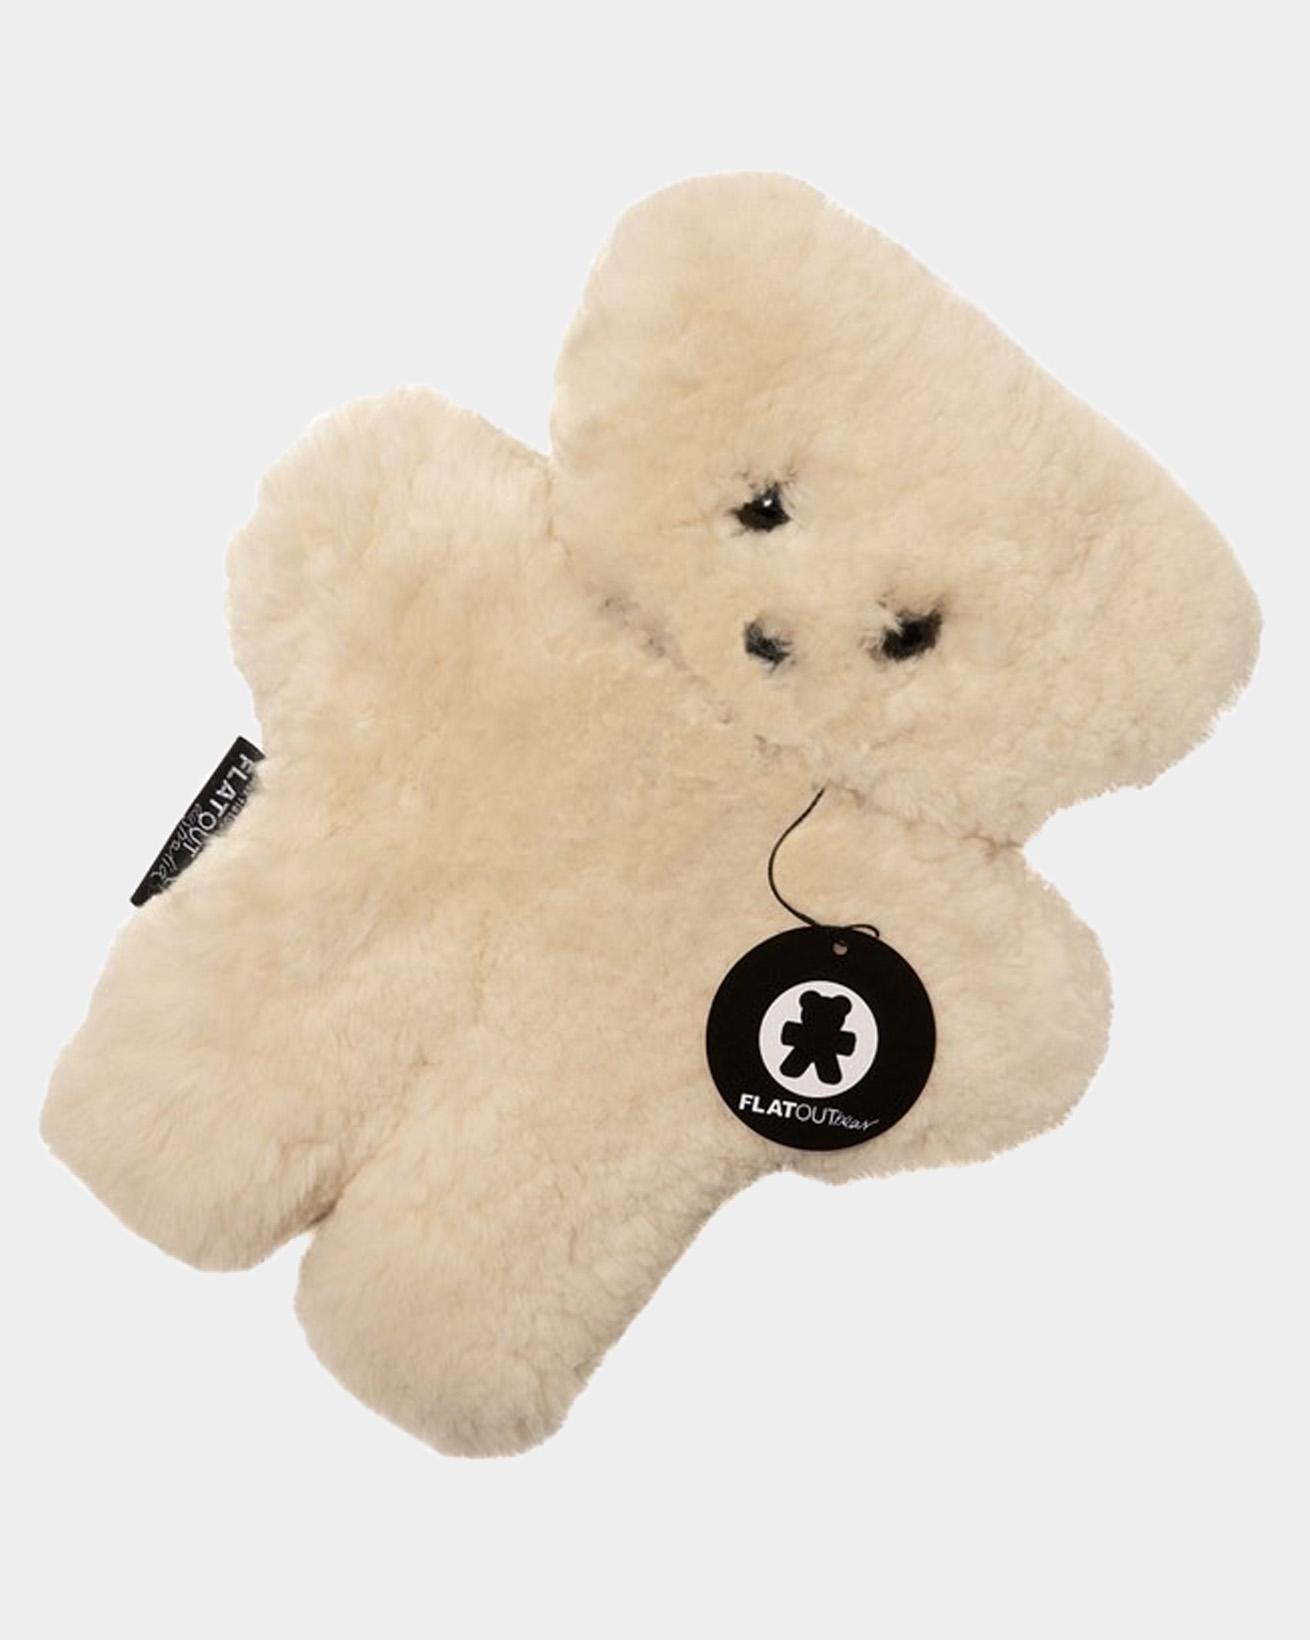 4973-flatout-bear.jpg